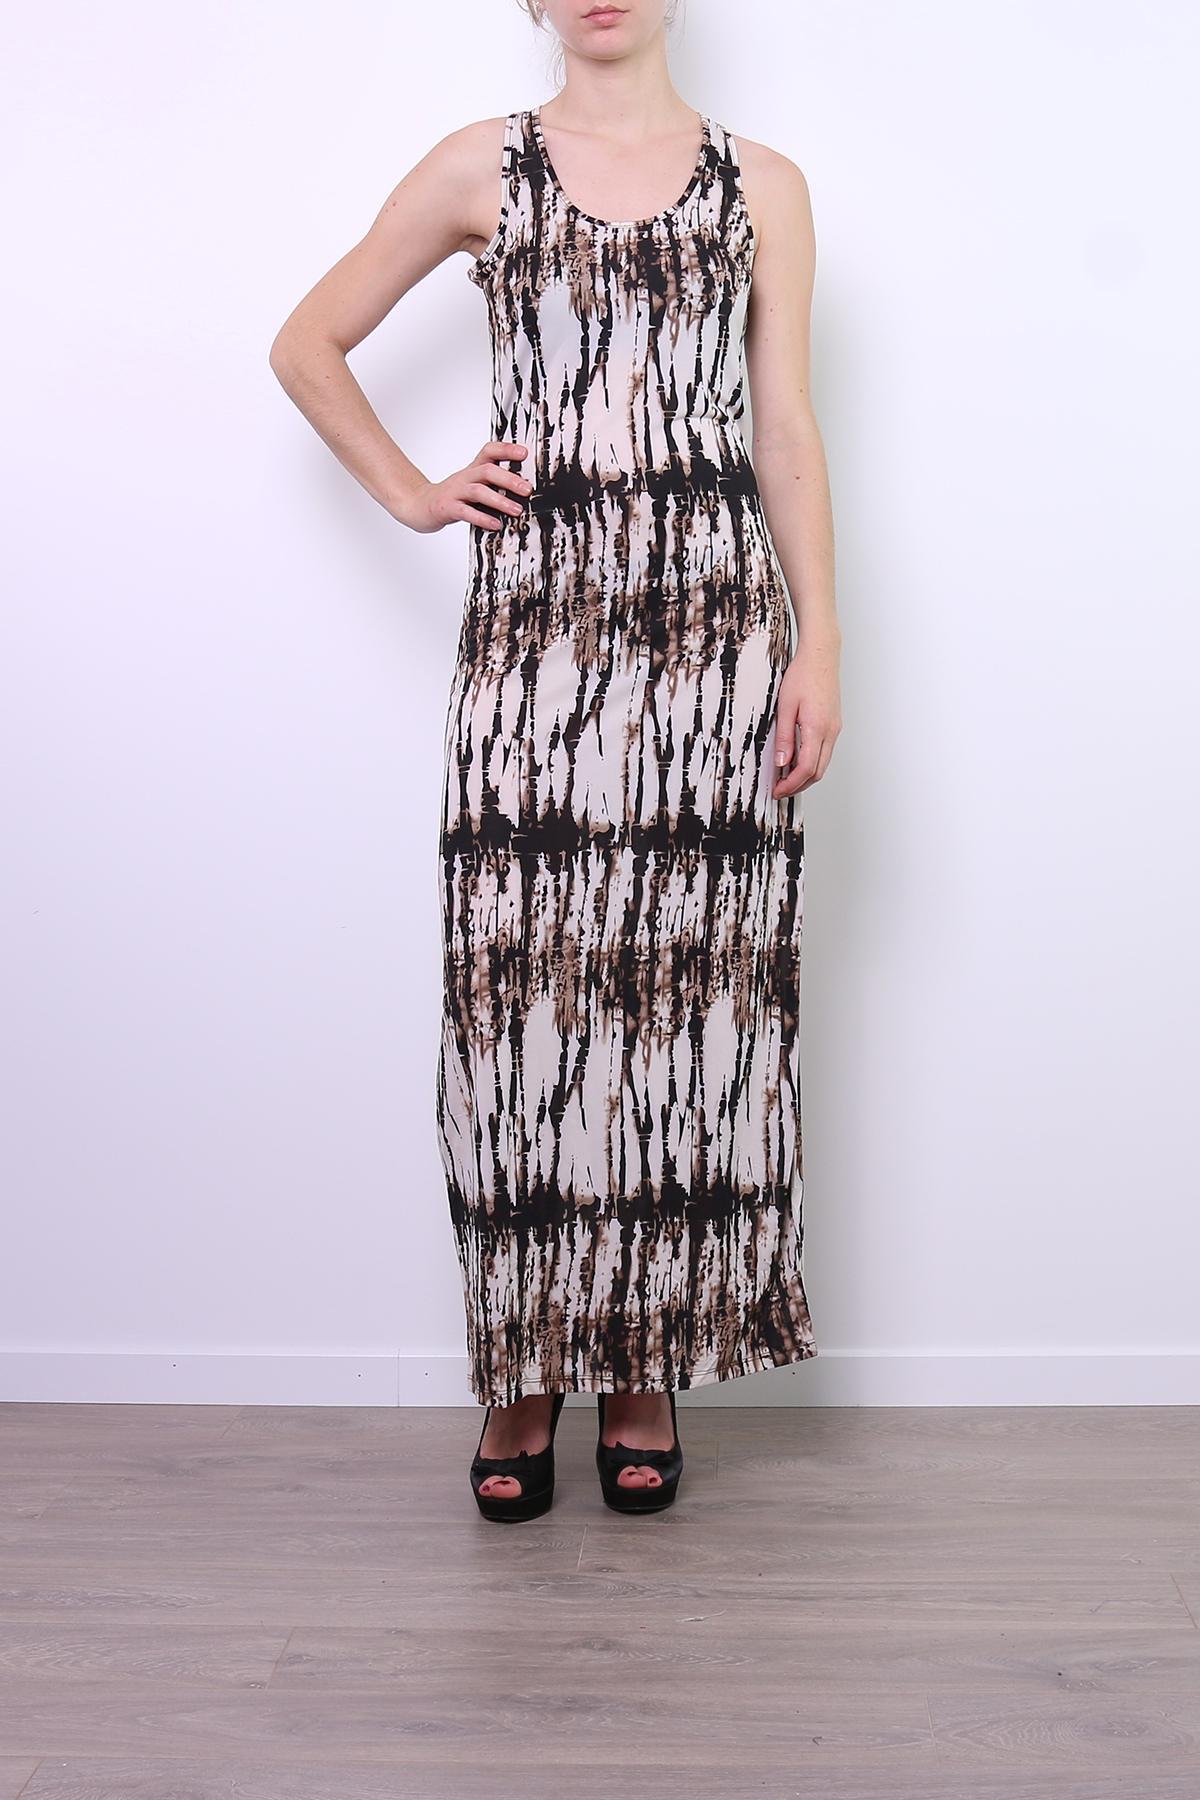 Robes longues Femme Brun LILIEROSE DX2543 #c eFashion Paris